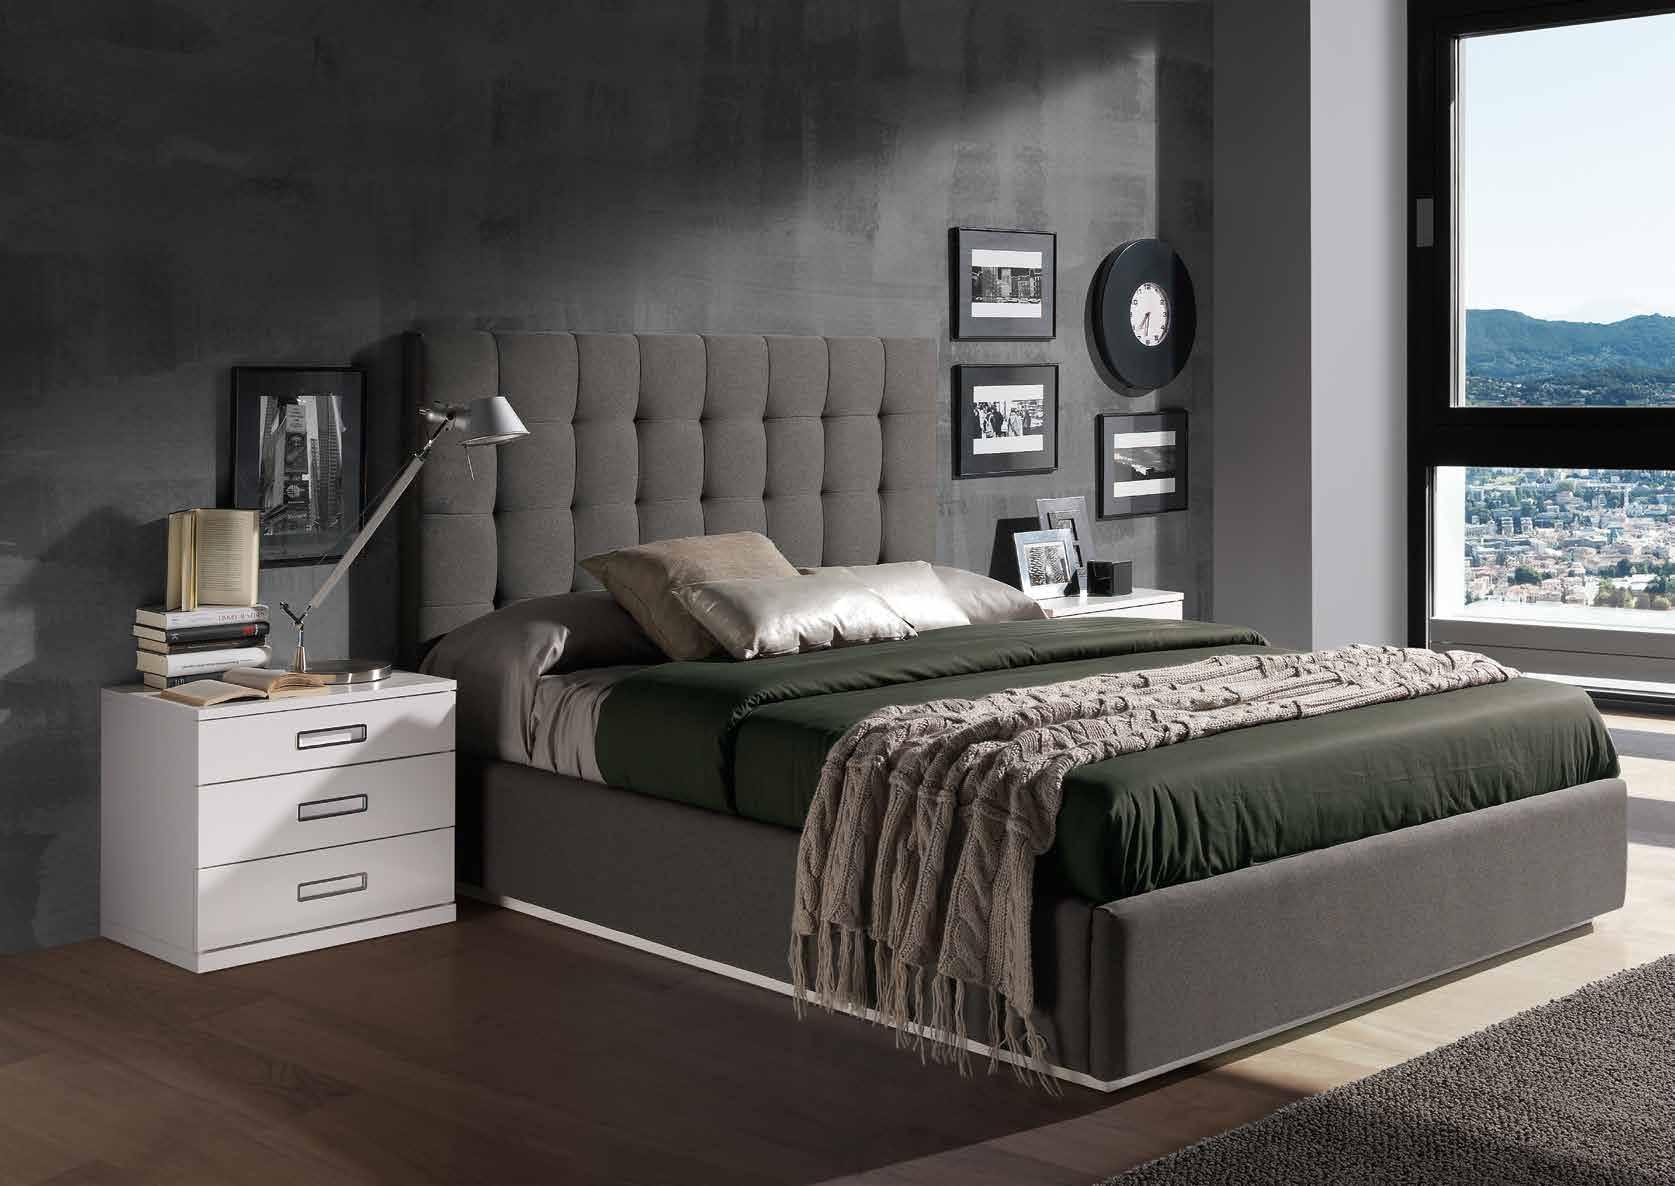 279-dormitorios-e-40